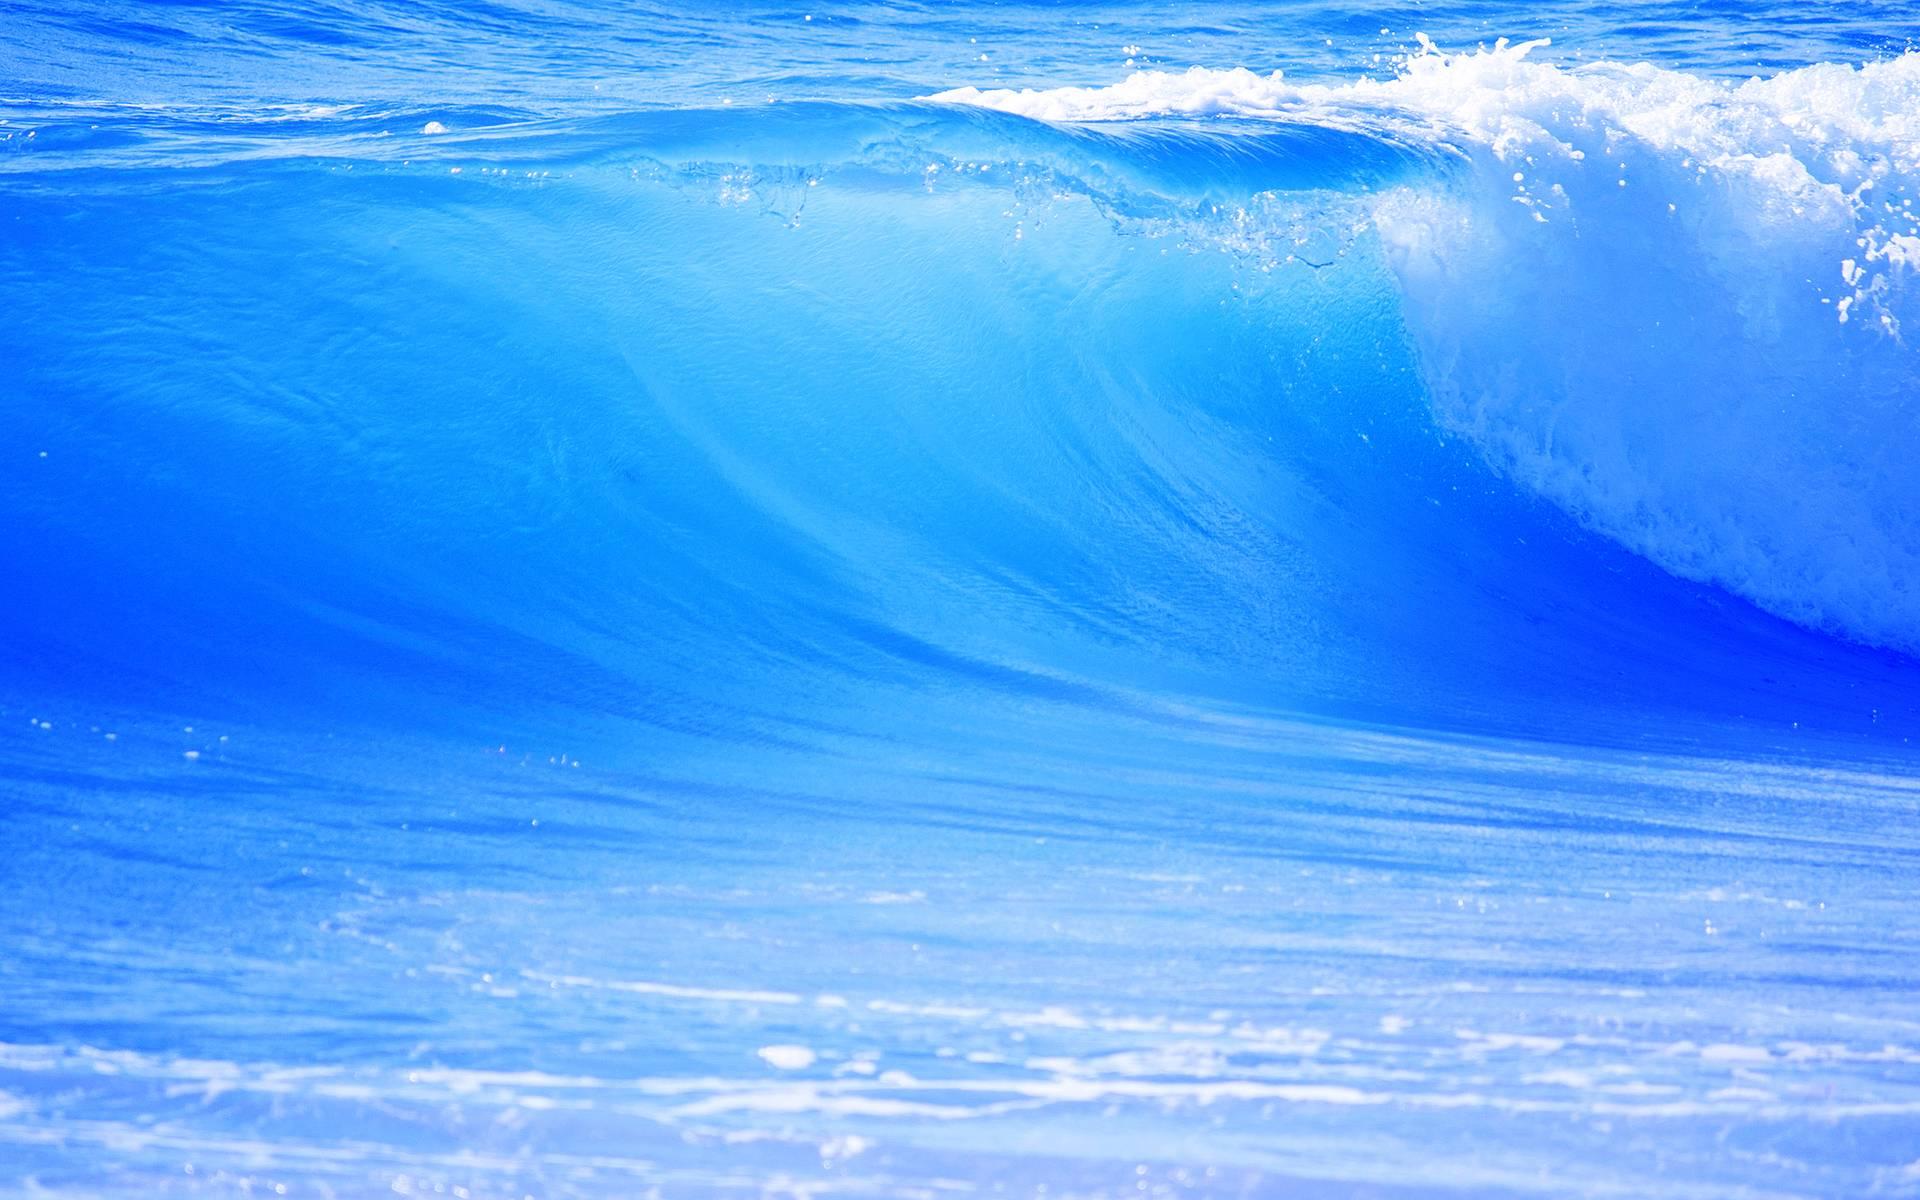 pin sea waves wallpaper - photo #27